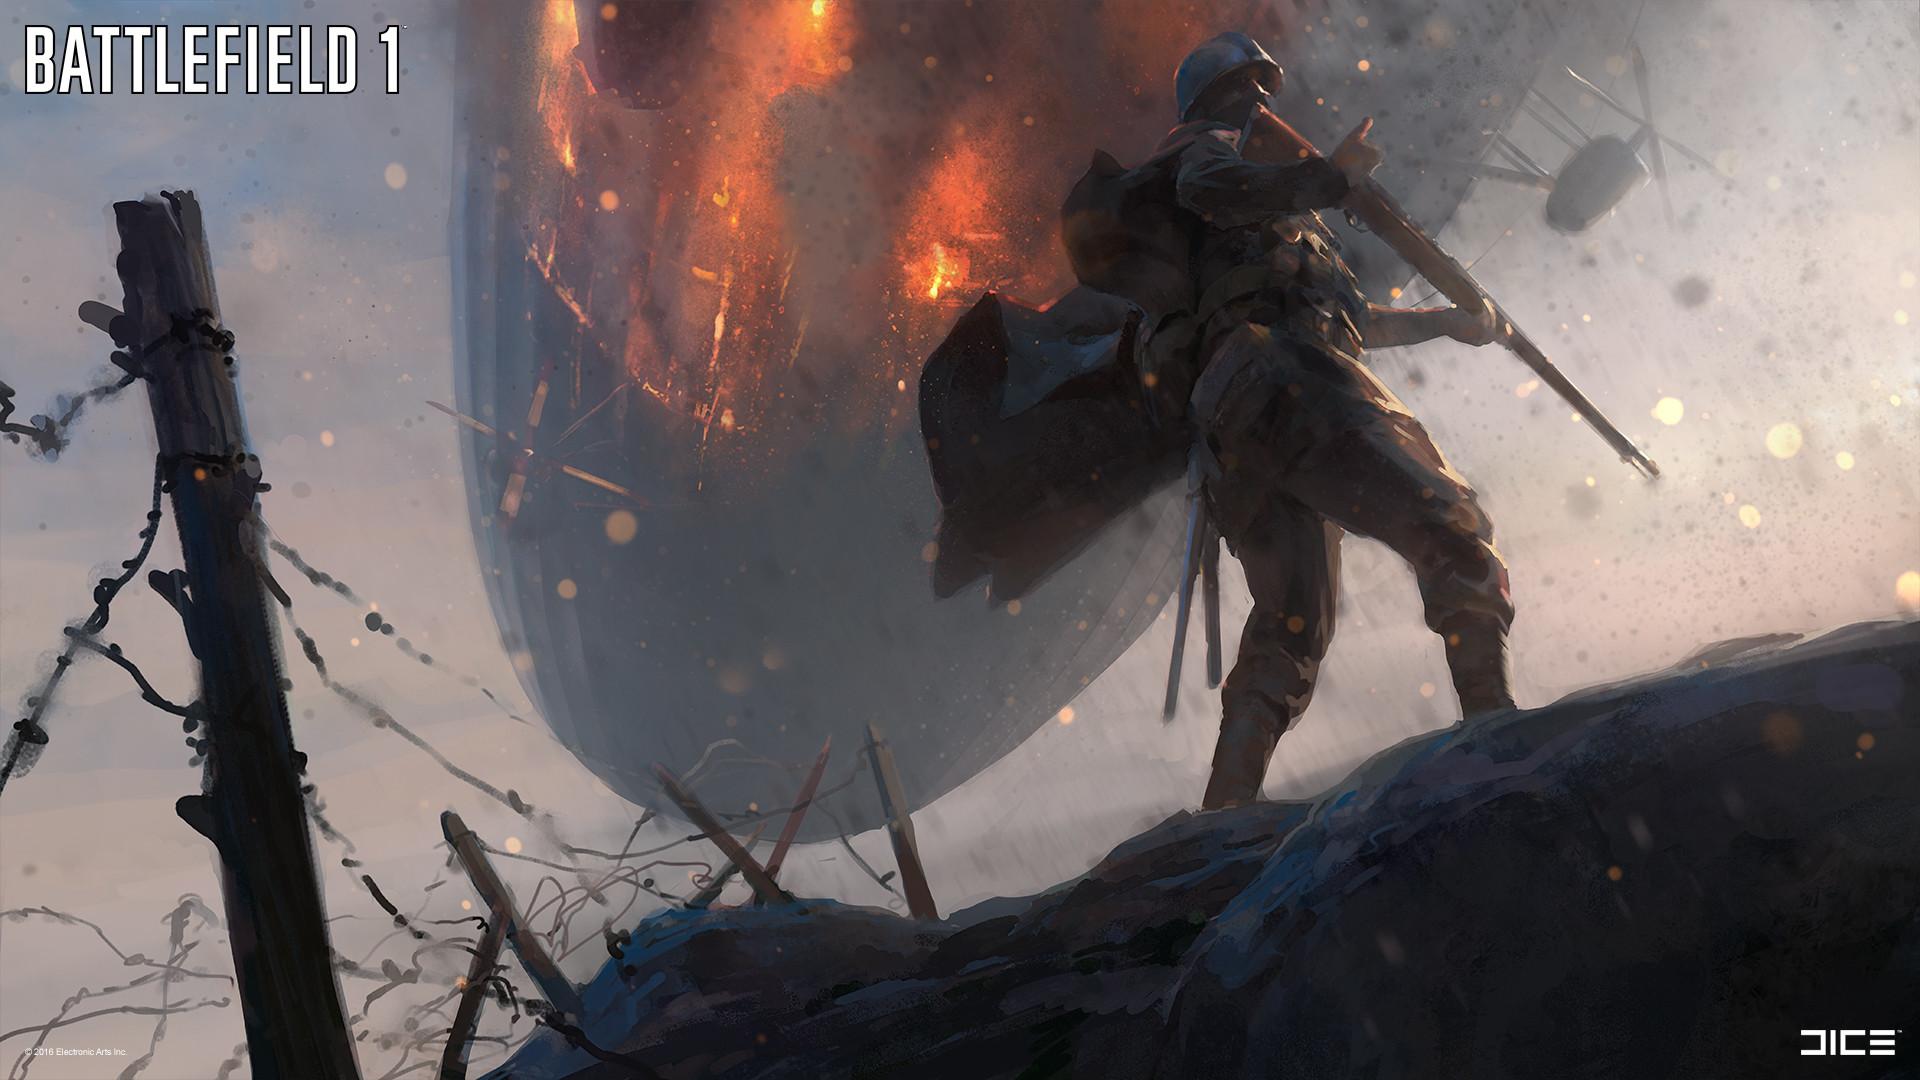 Battlefield 1 Concept Art A